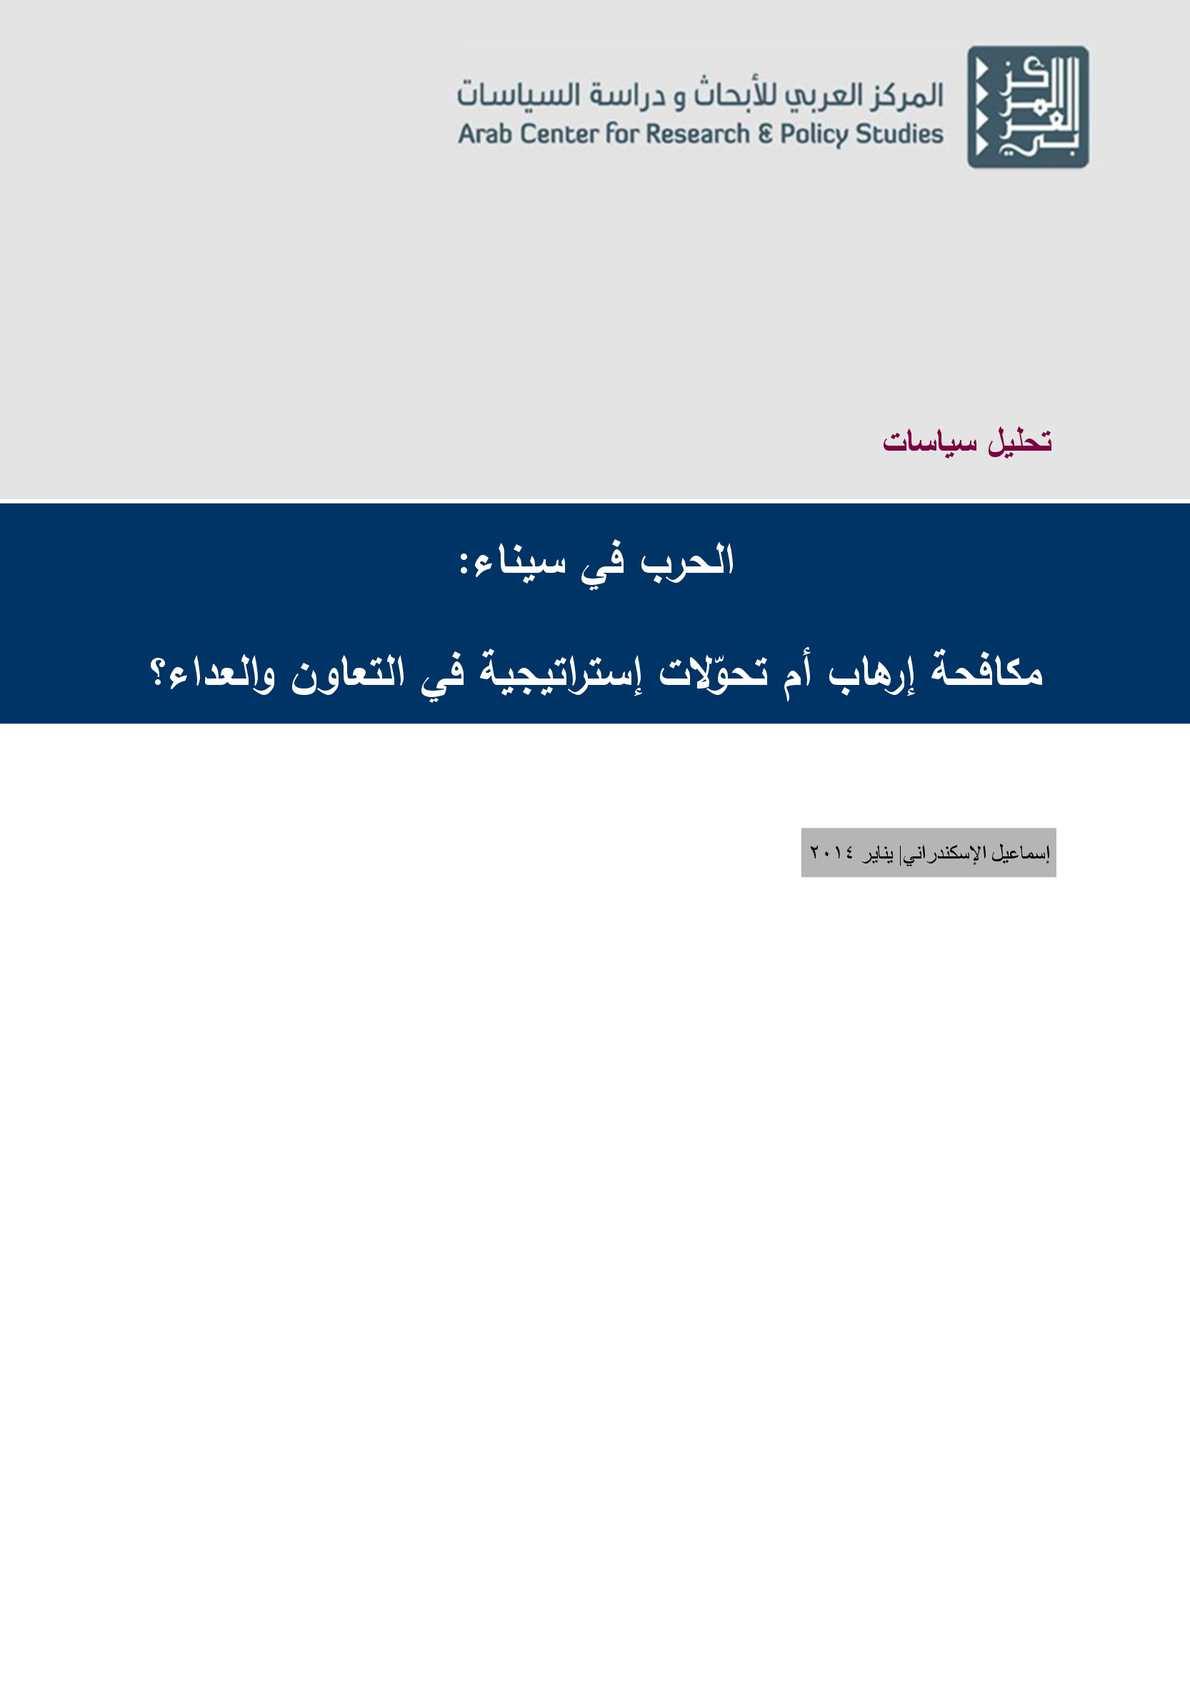 الحرب في سيناء: مكافحة إرهاب أم تحوّلات إستراتيجية في التعاون والعداء؟